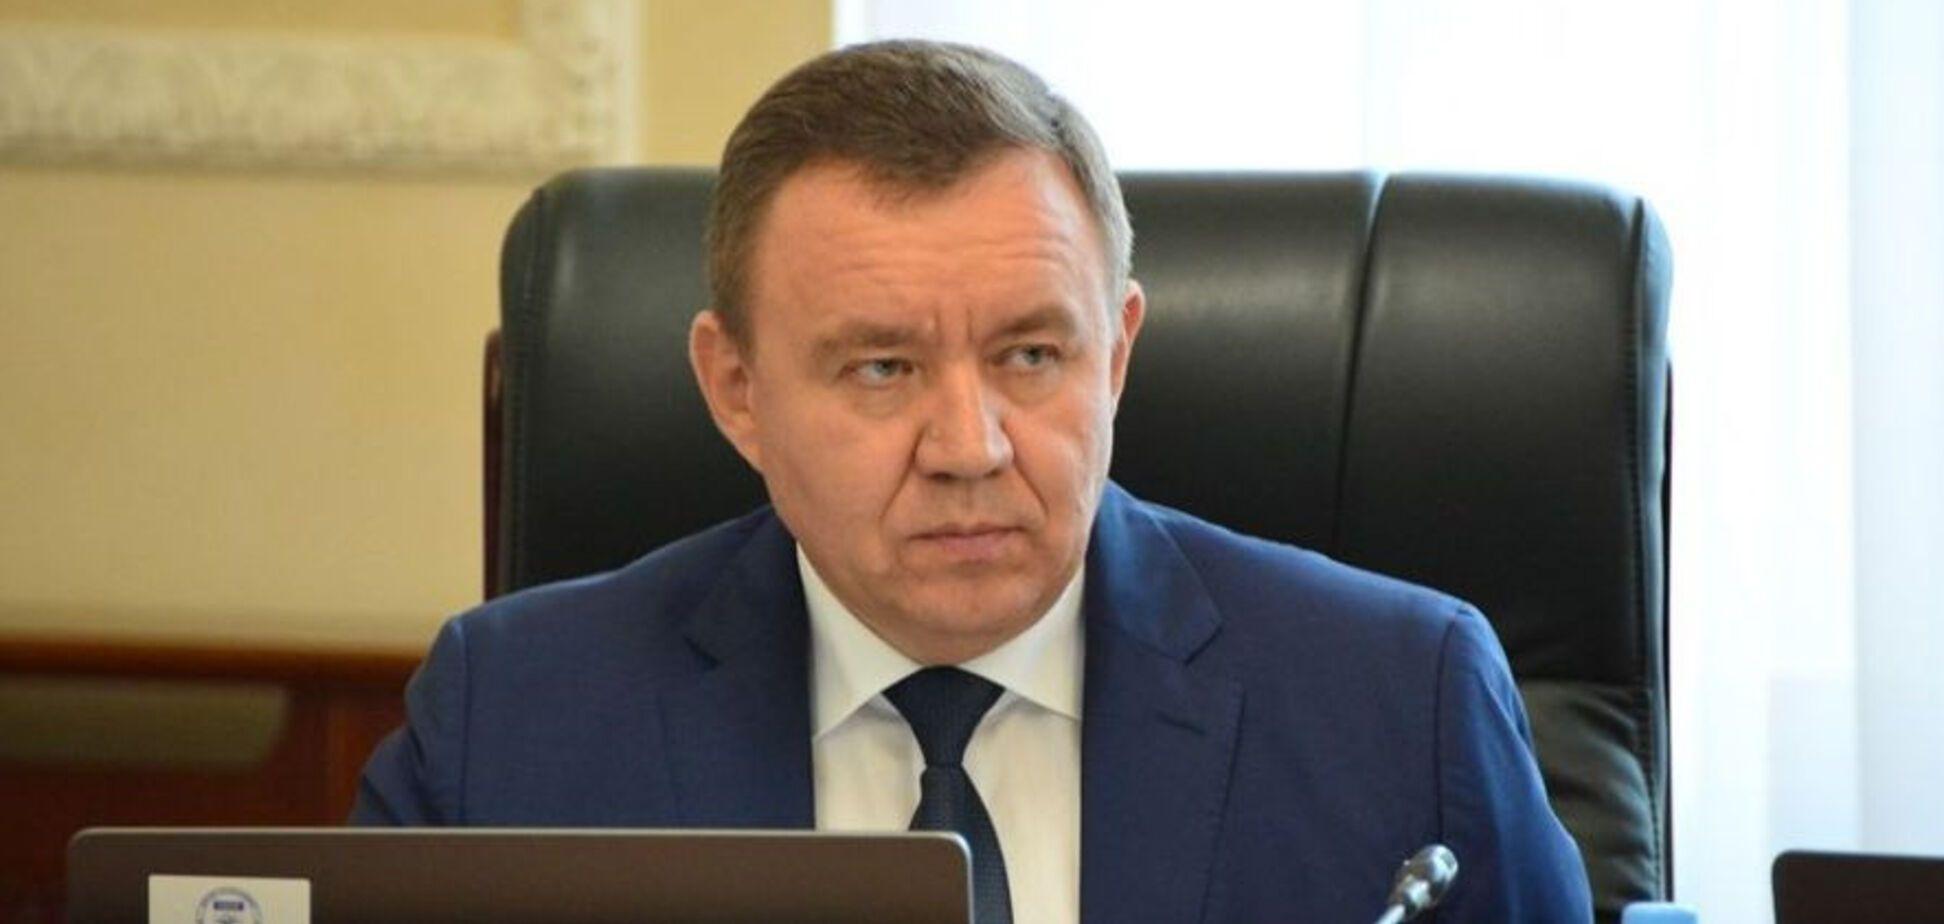 Квартира за 10,3 млн: члена ВРП України запідозрили у корупції